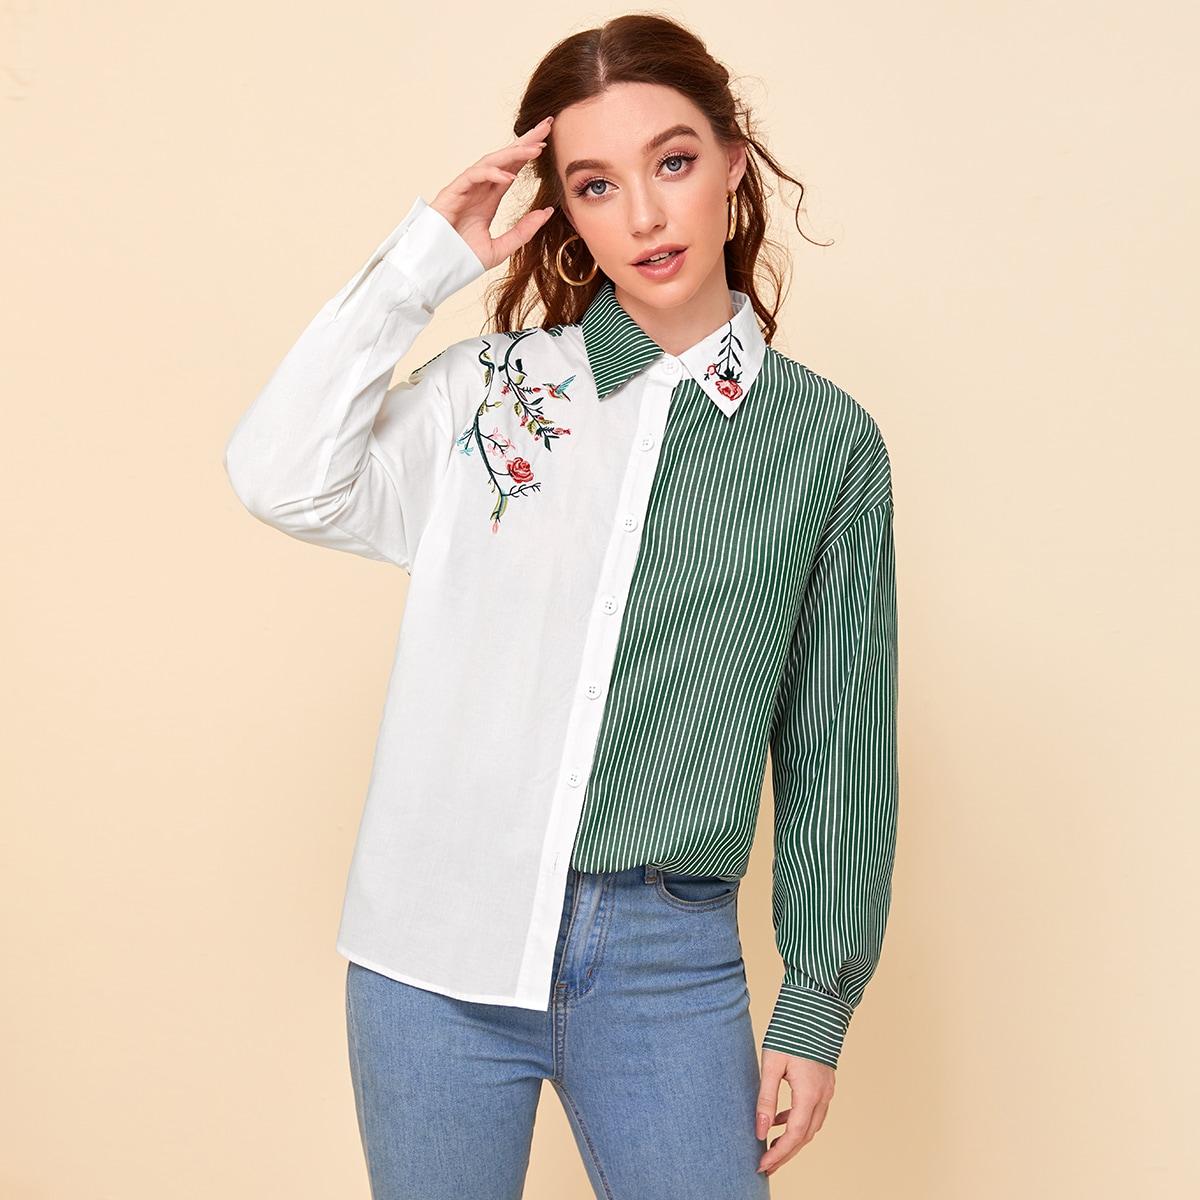 Полосатая блузка с пуговицами и цветочной вышивкой фото